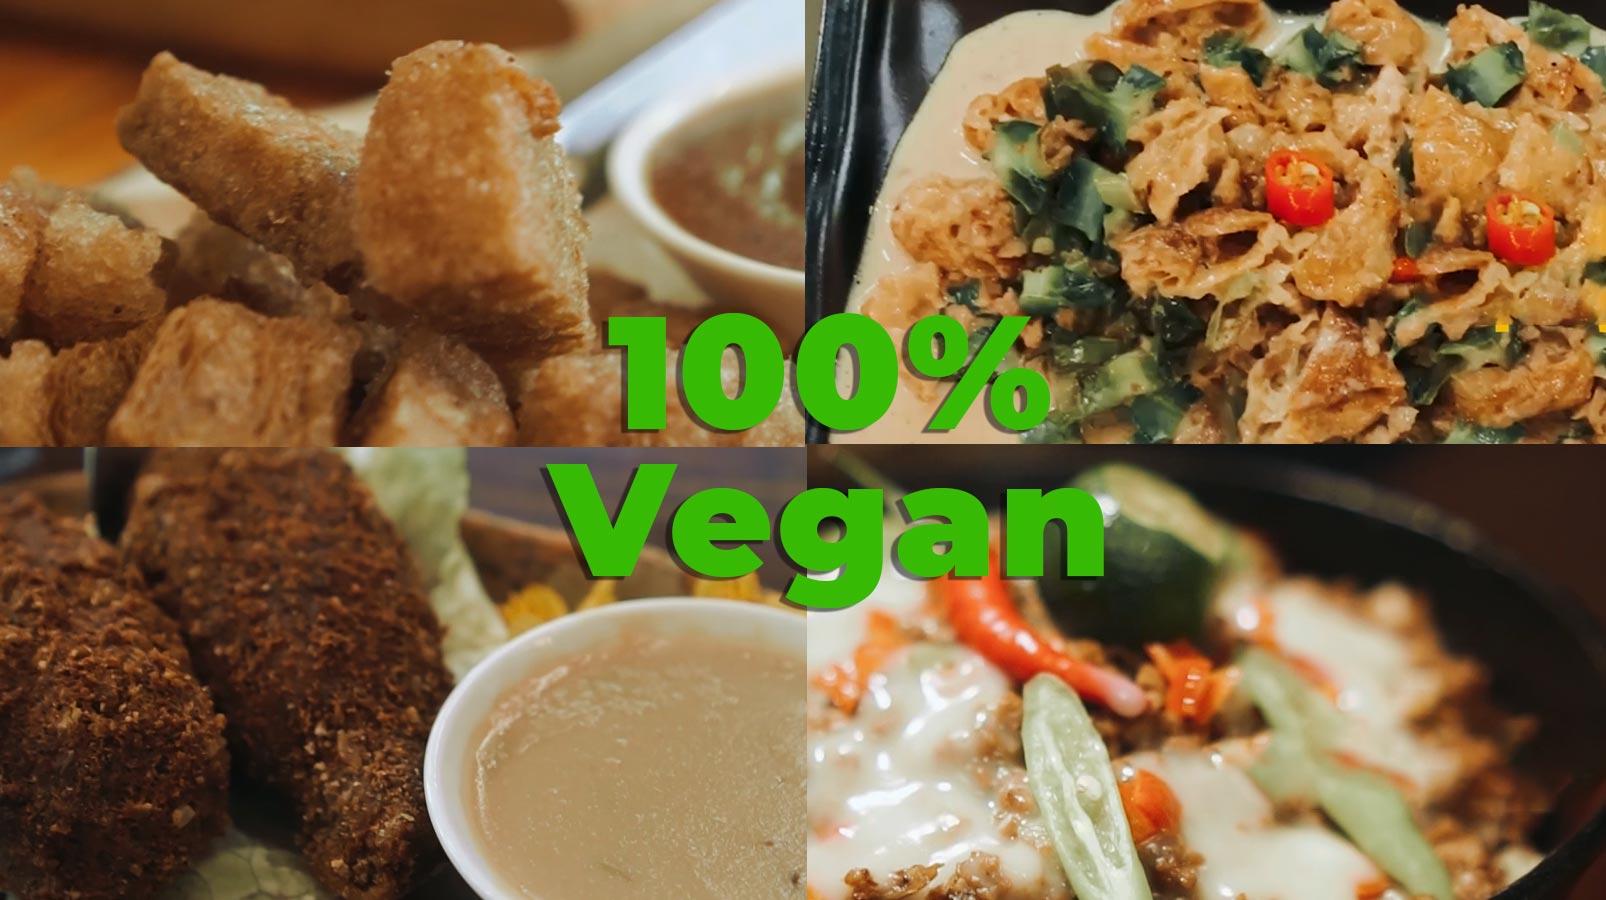 100% vegan food